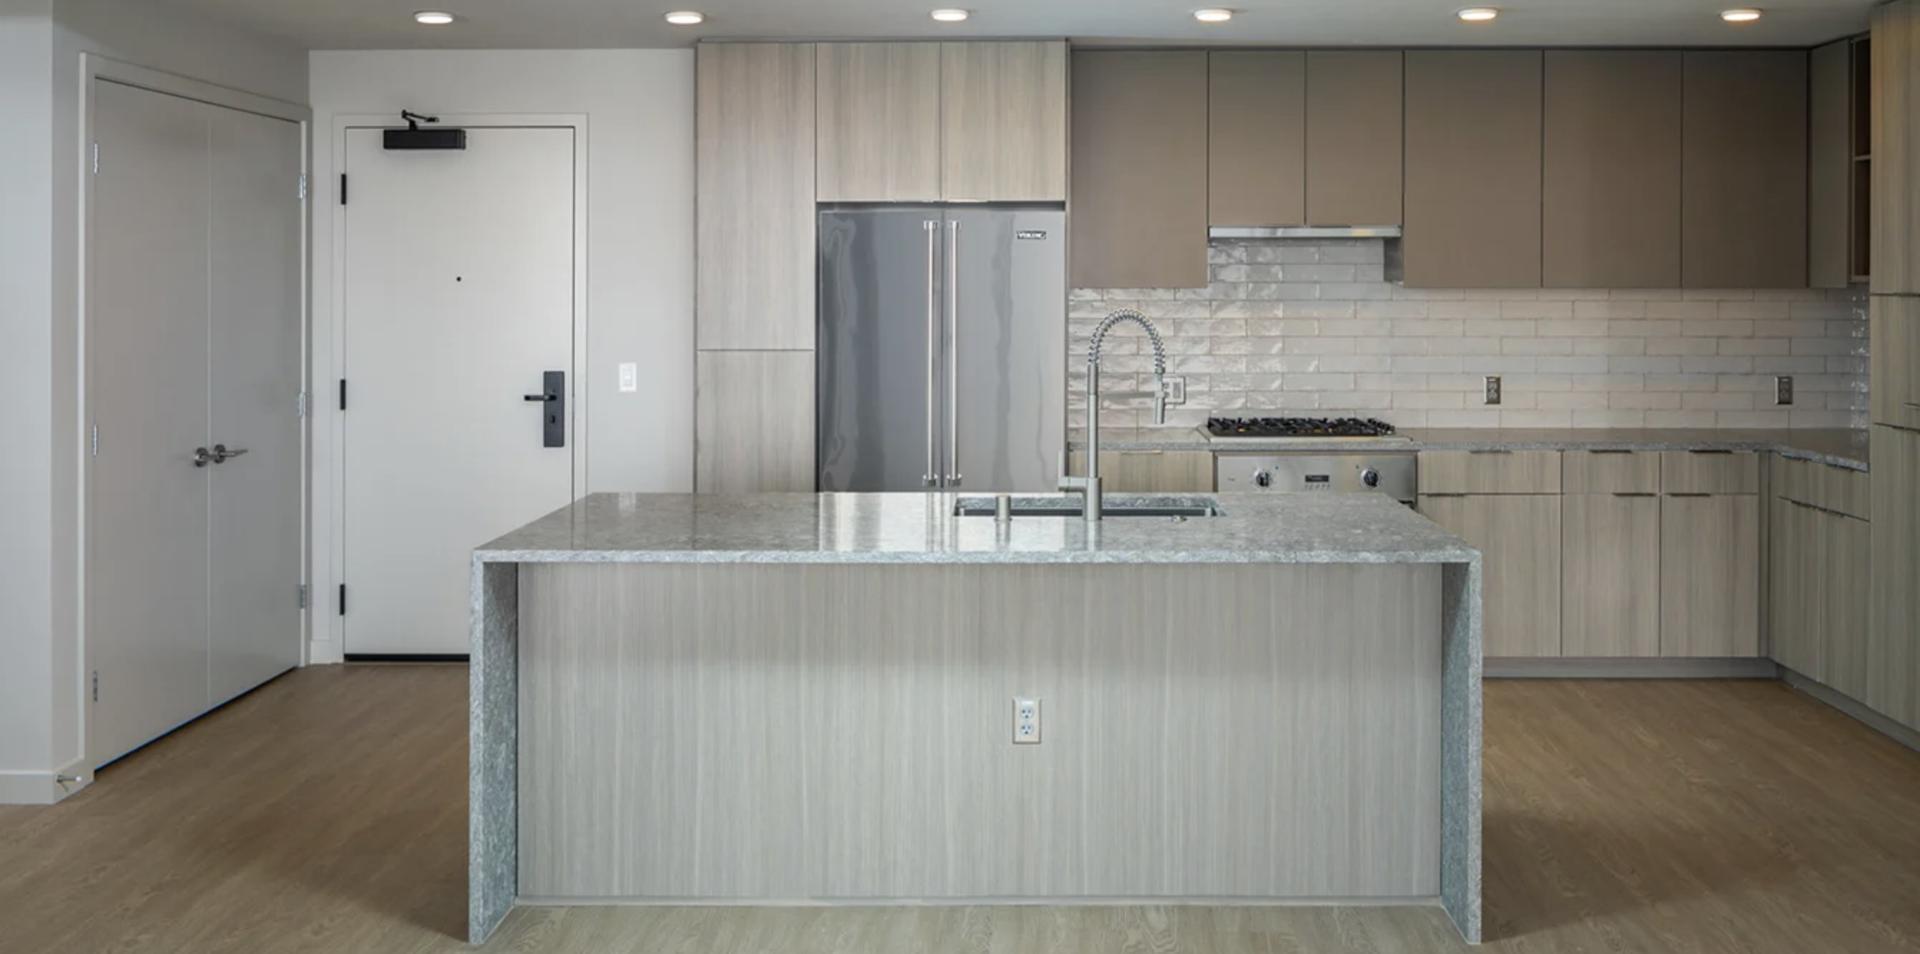 601 11th Avenue #2215, San Diego, CA - $4,845 USD/ month